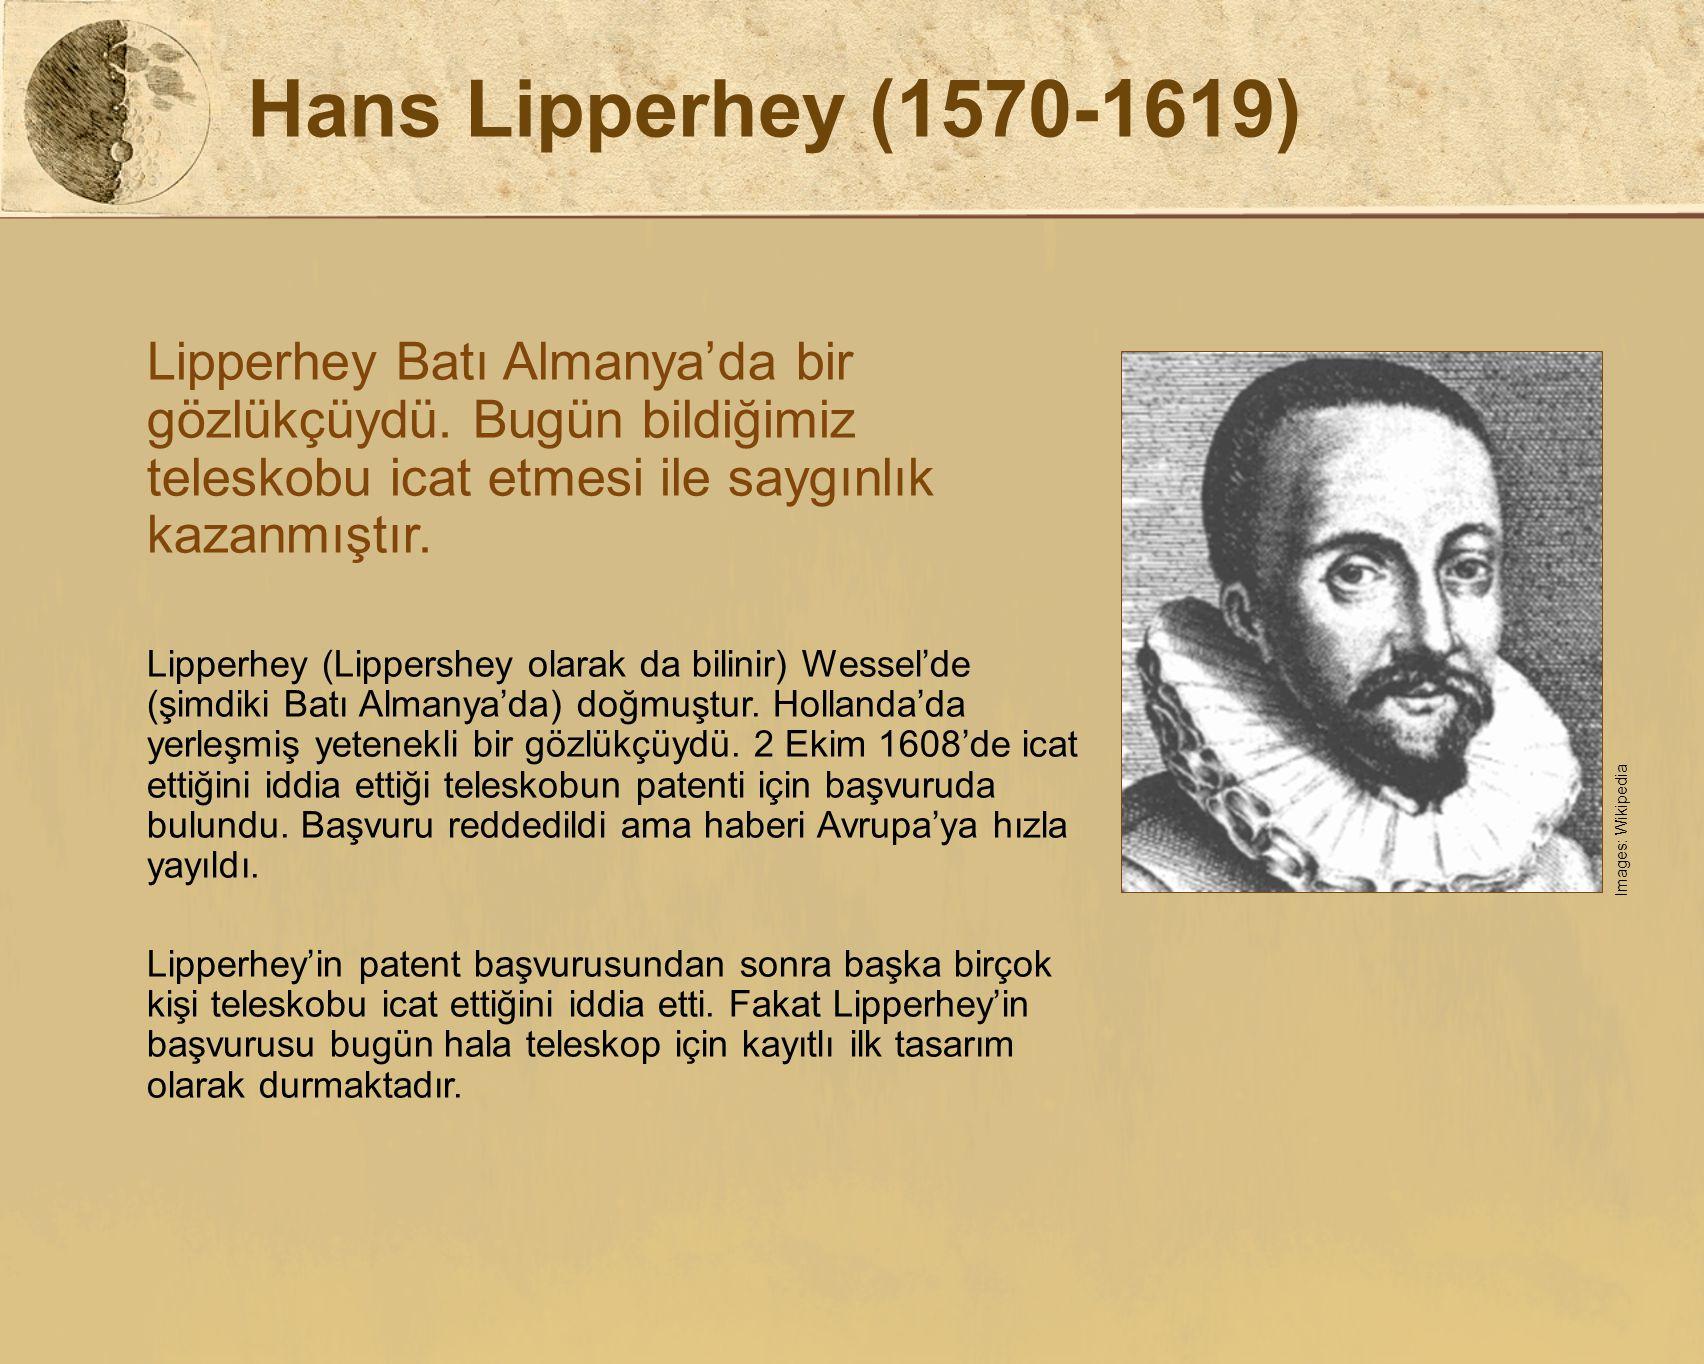 Hans Lipperhey (1570-1619) Lipperhey Batı Almanya'da bir gözlükçüydü. Bugün bildiğimiz teleskobu icat etmesi ile saygınlık kazanmıştır. Lipperhey (Lip